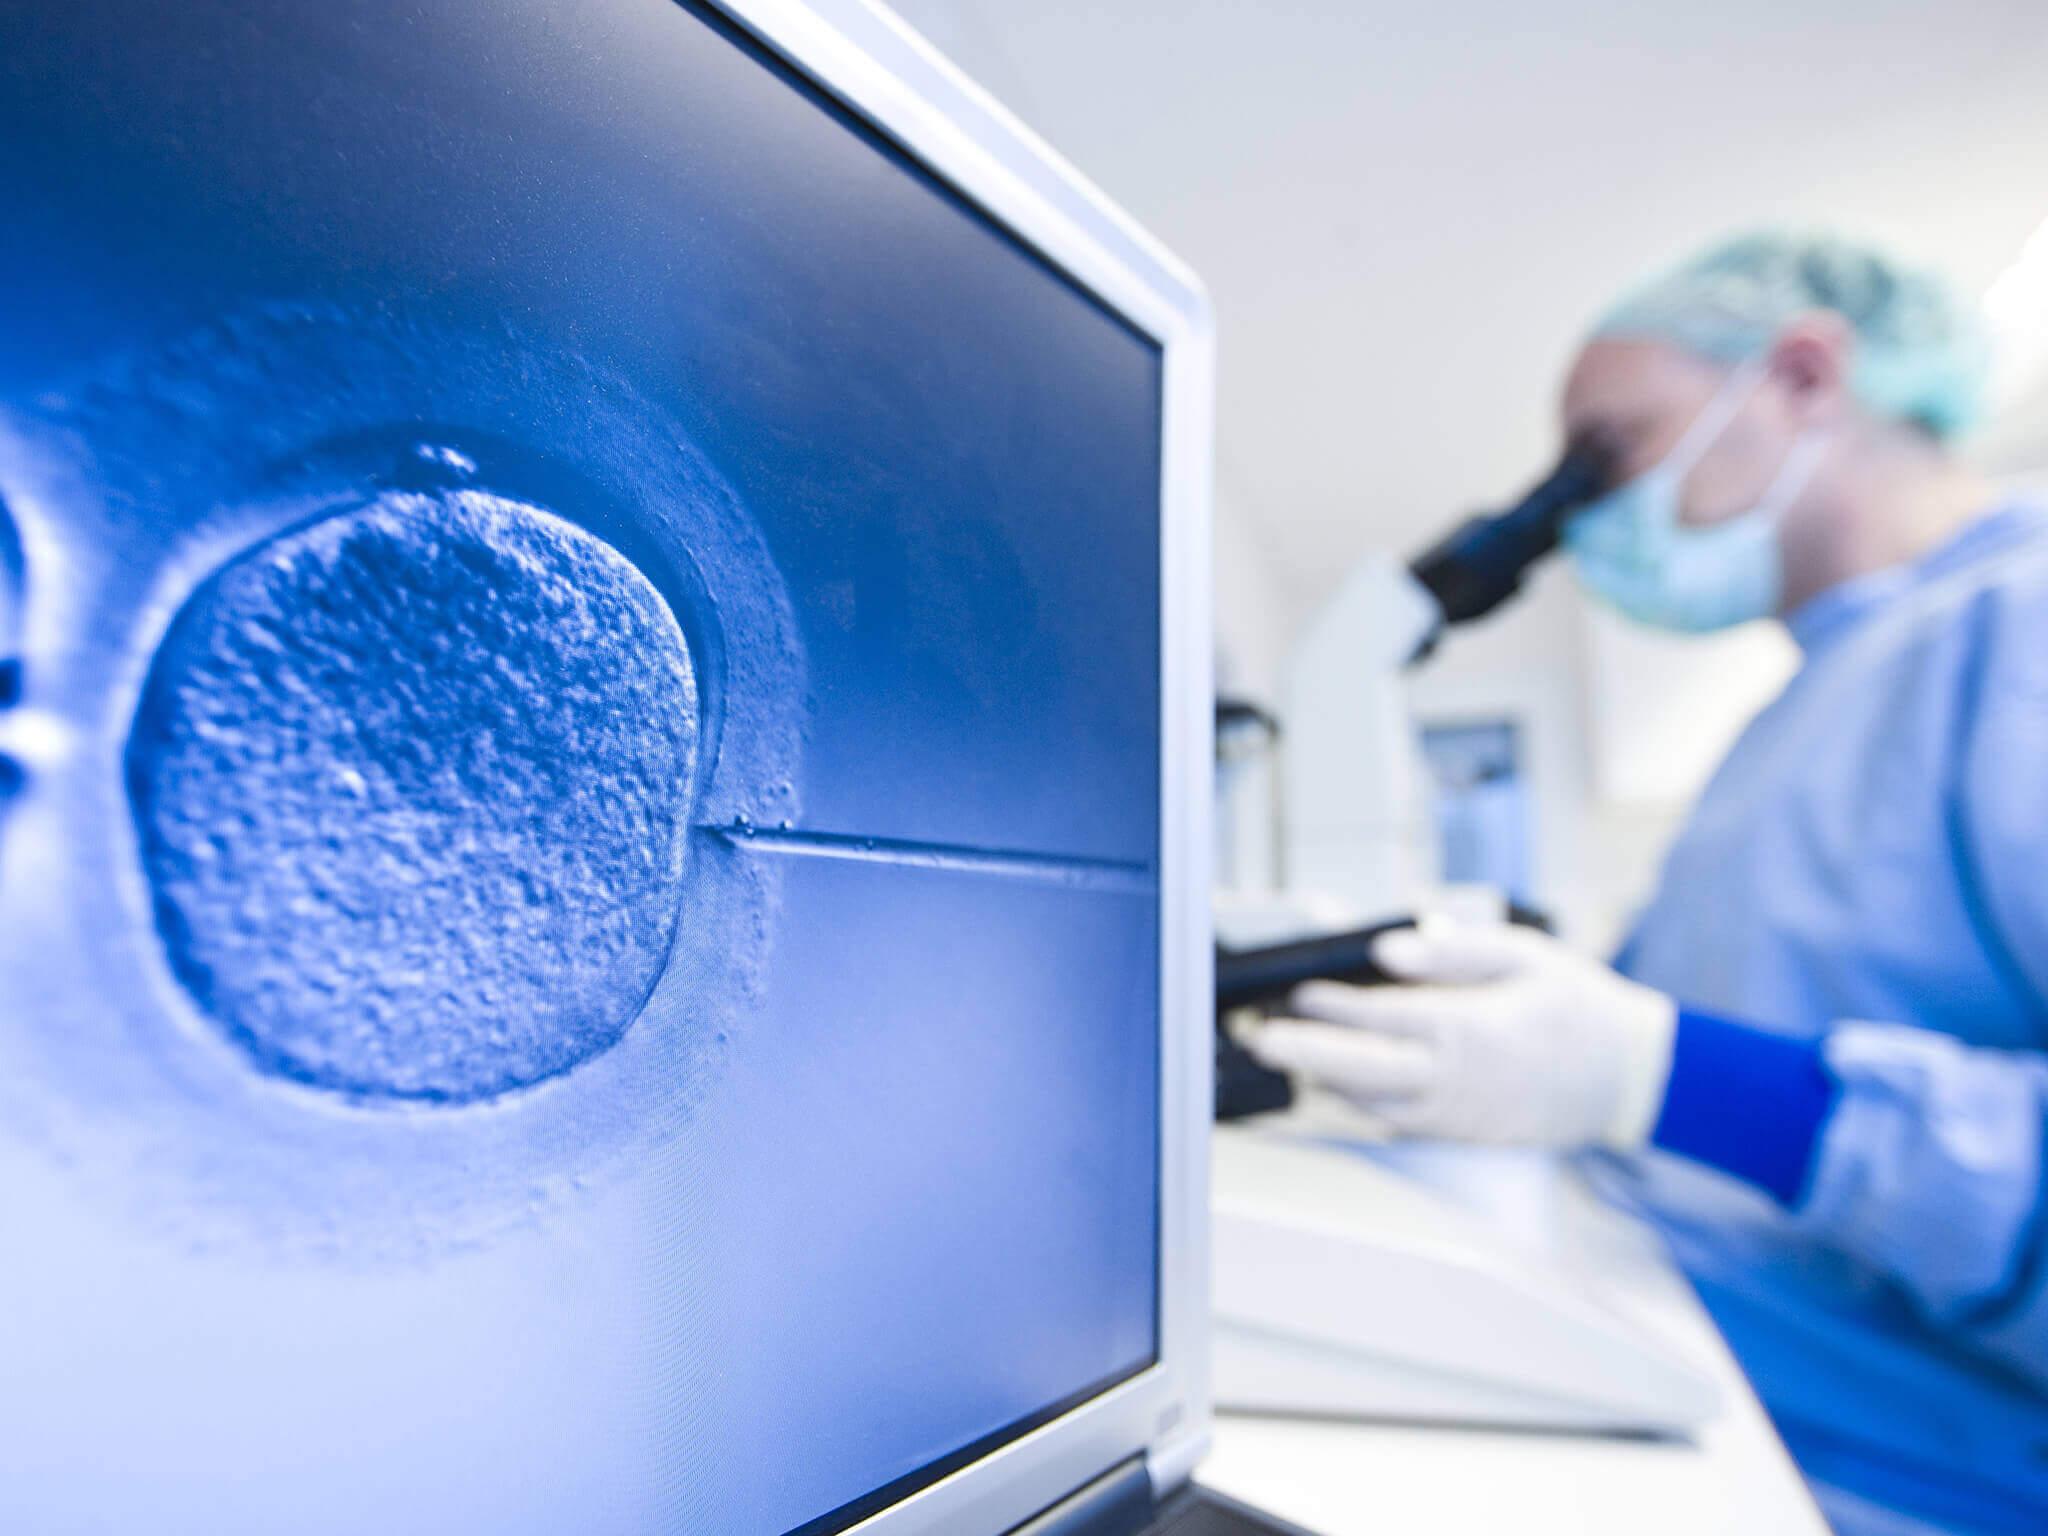 Репродуктологи призвали взять на контроль передачу детей от суррогатных матерей